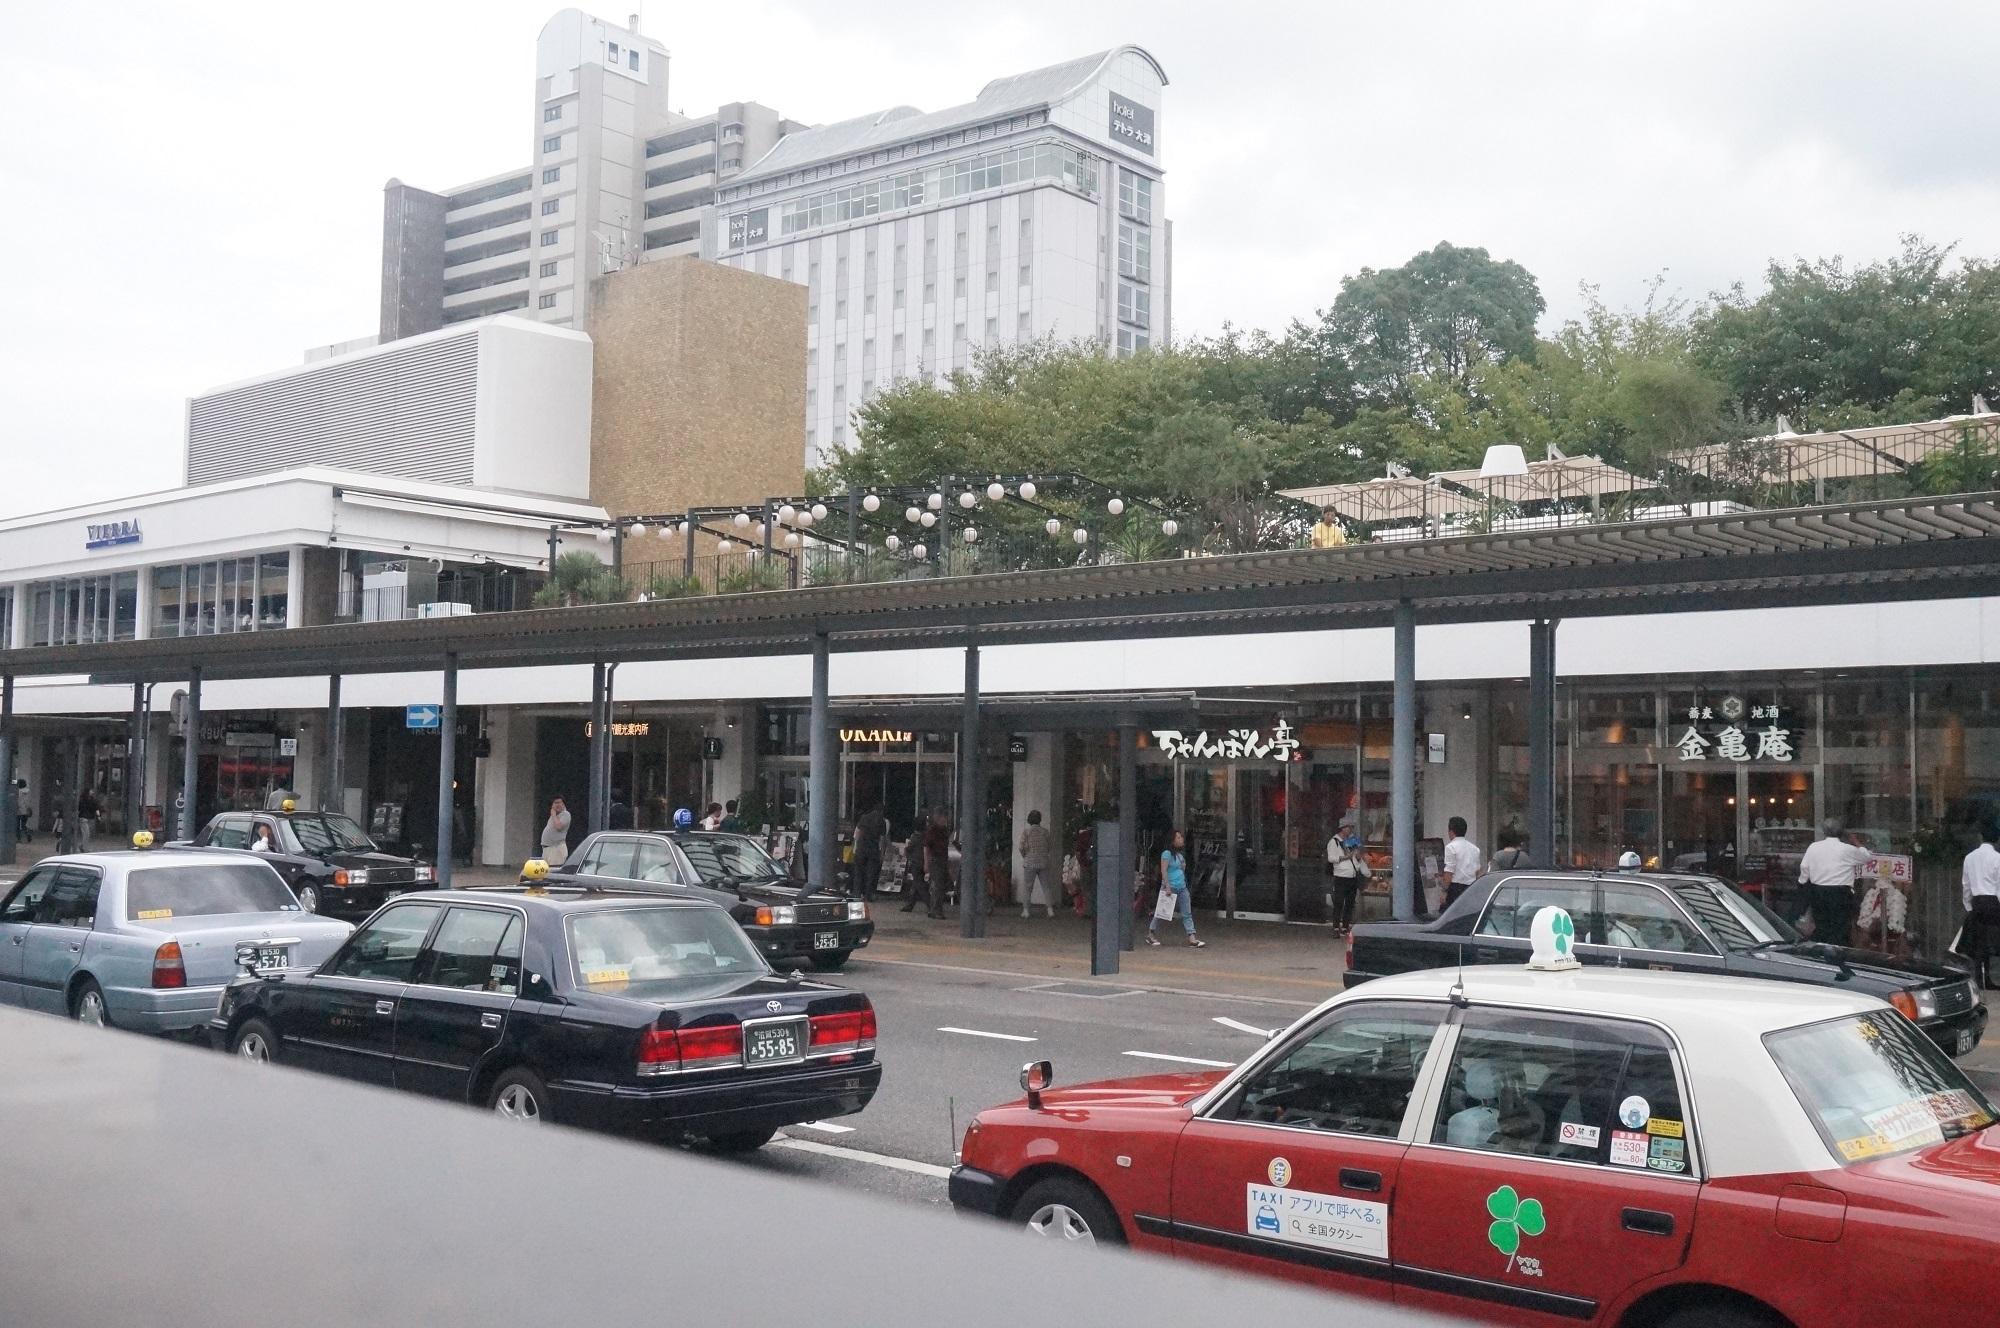 日本一寂しいと言われる県庁所在地の駅に商業施設オープン-滋賀・JR大津駅-